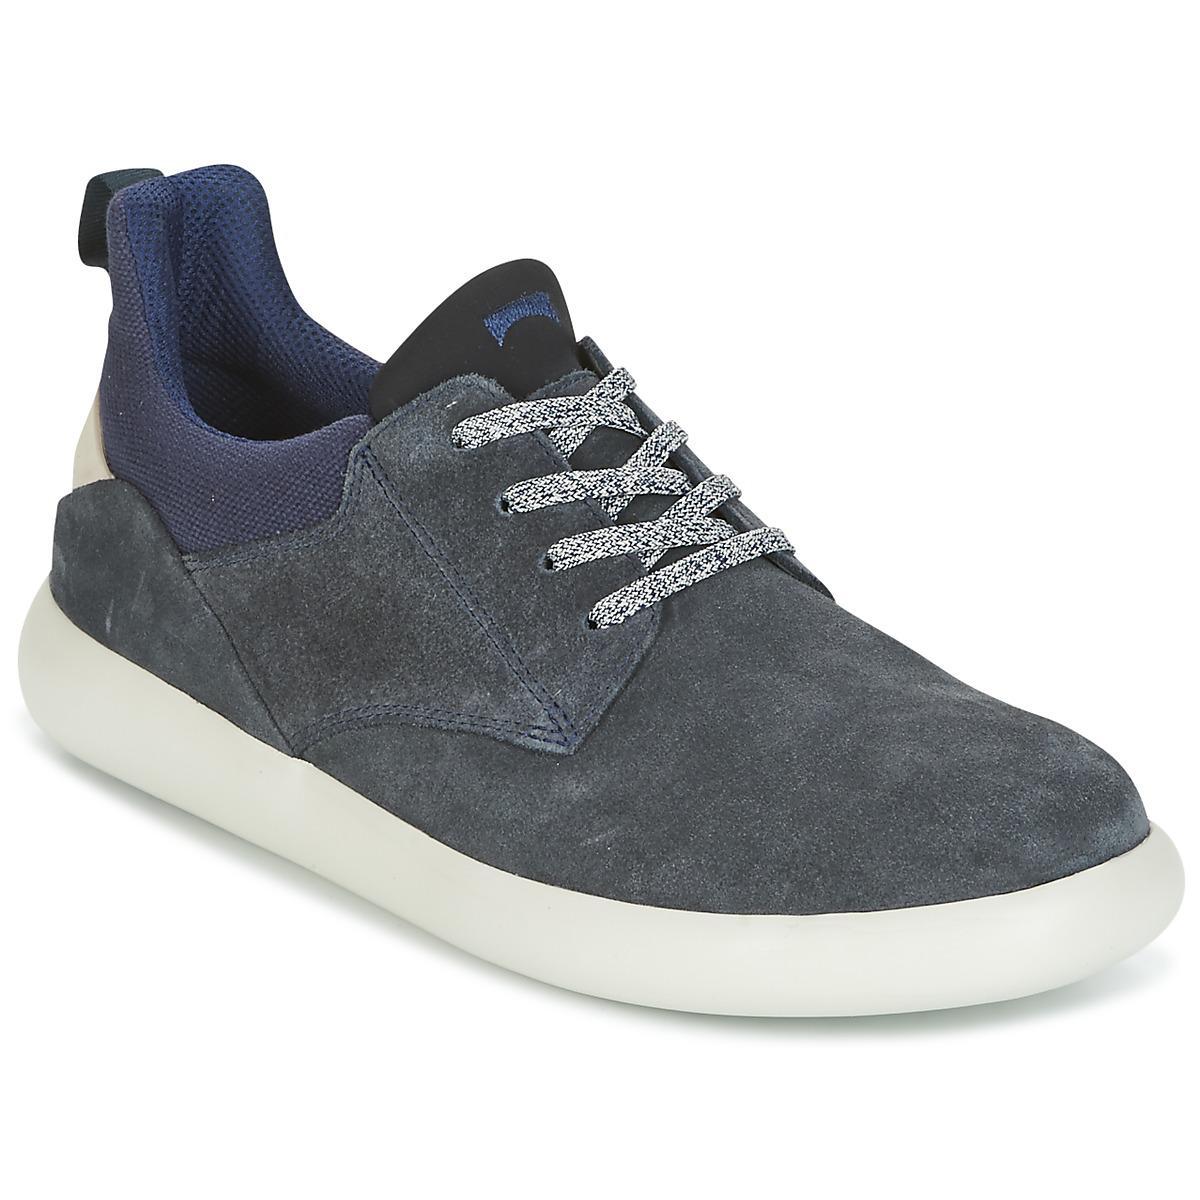 Camper Pelotas Capsule Xl Casual Shoes in Blue for Men - Save 33% - Lyst 7da42282235